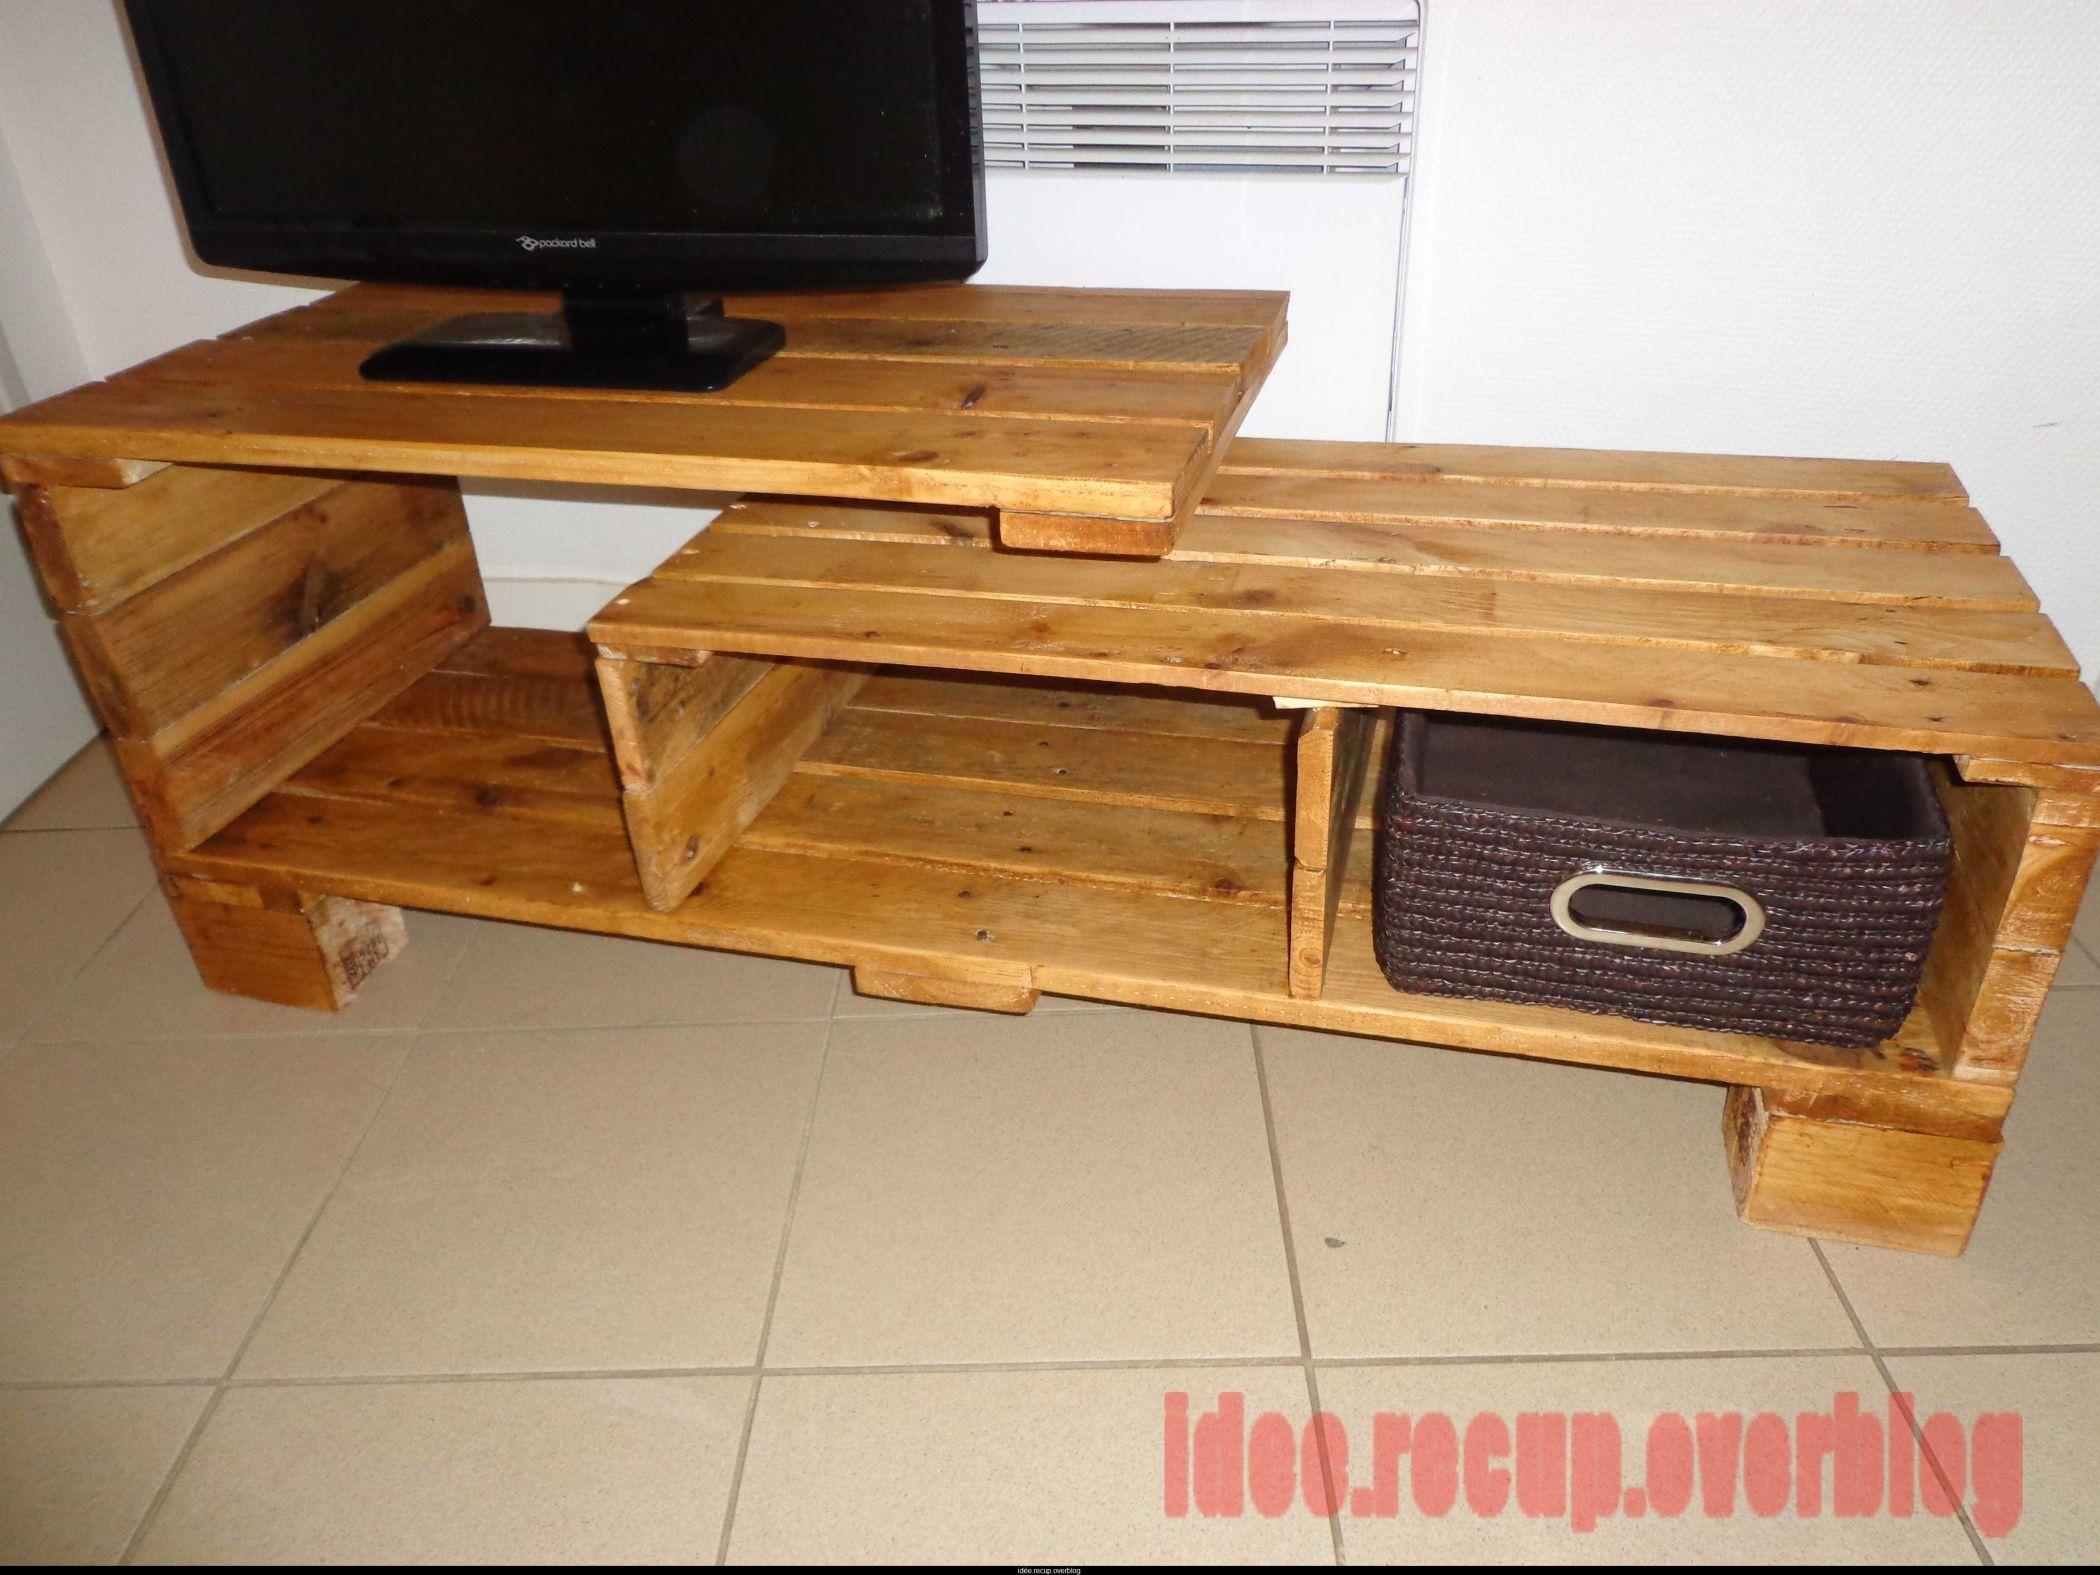 meuble tv en palette ideerecup - Meubles En Palettes De Recup